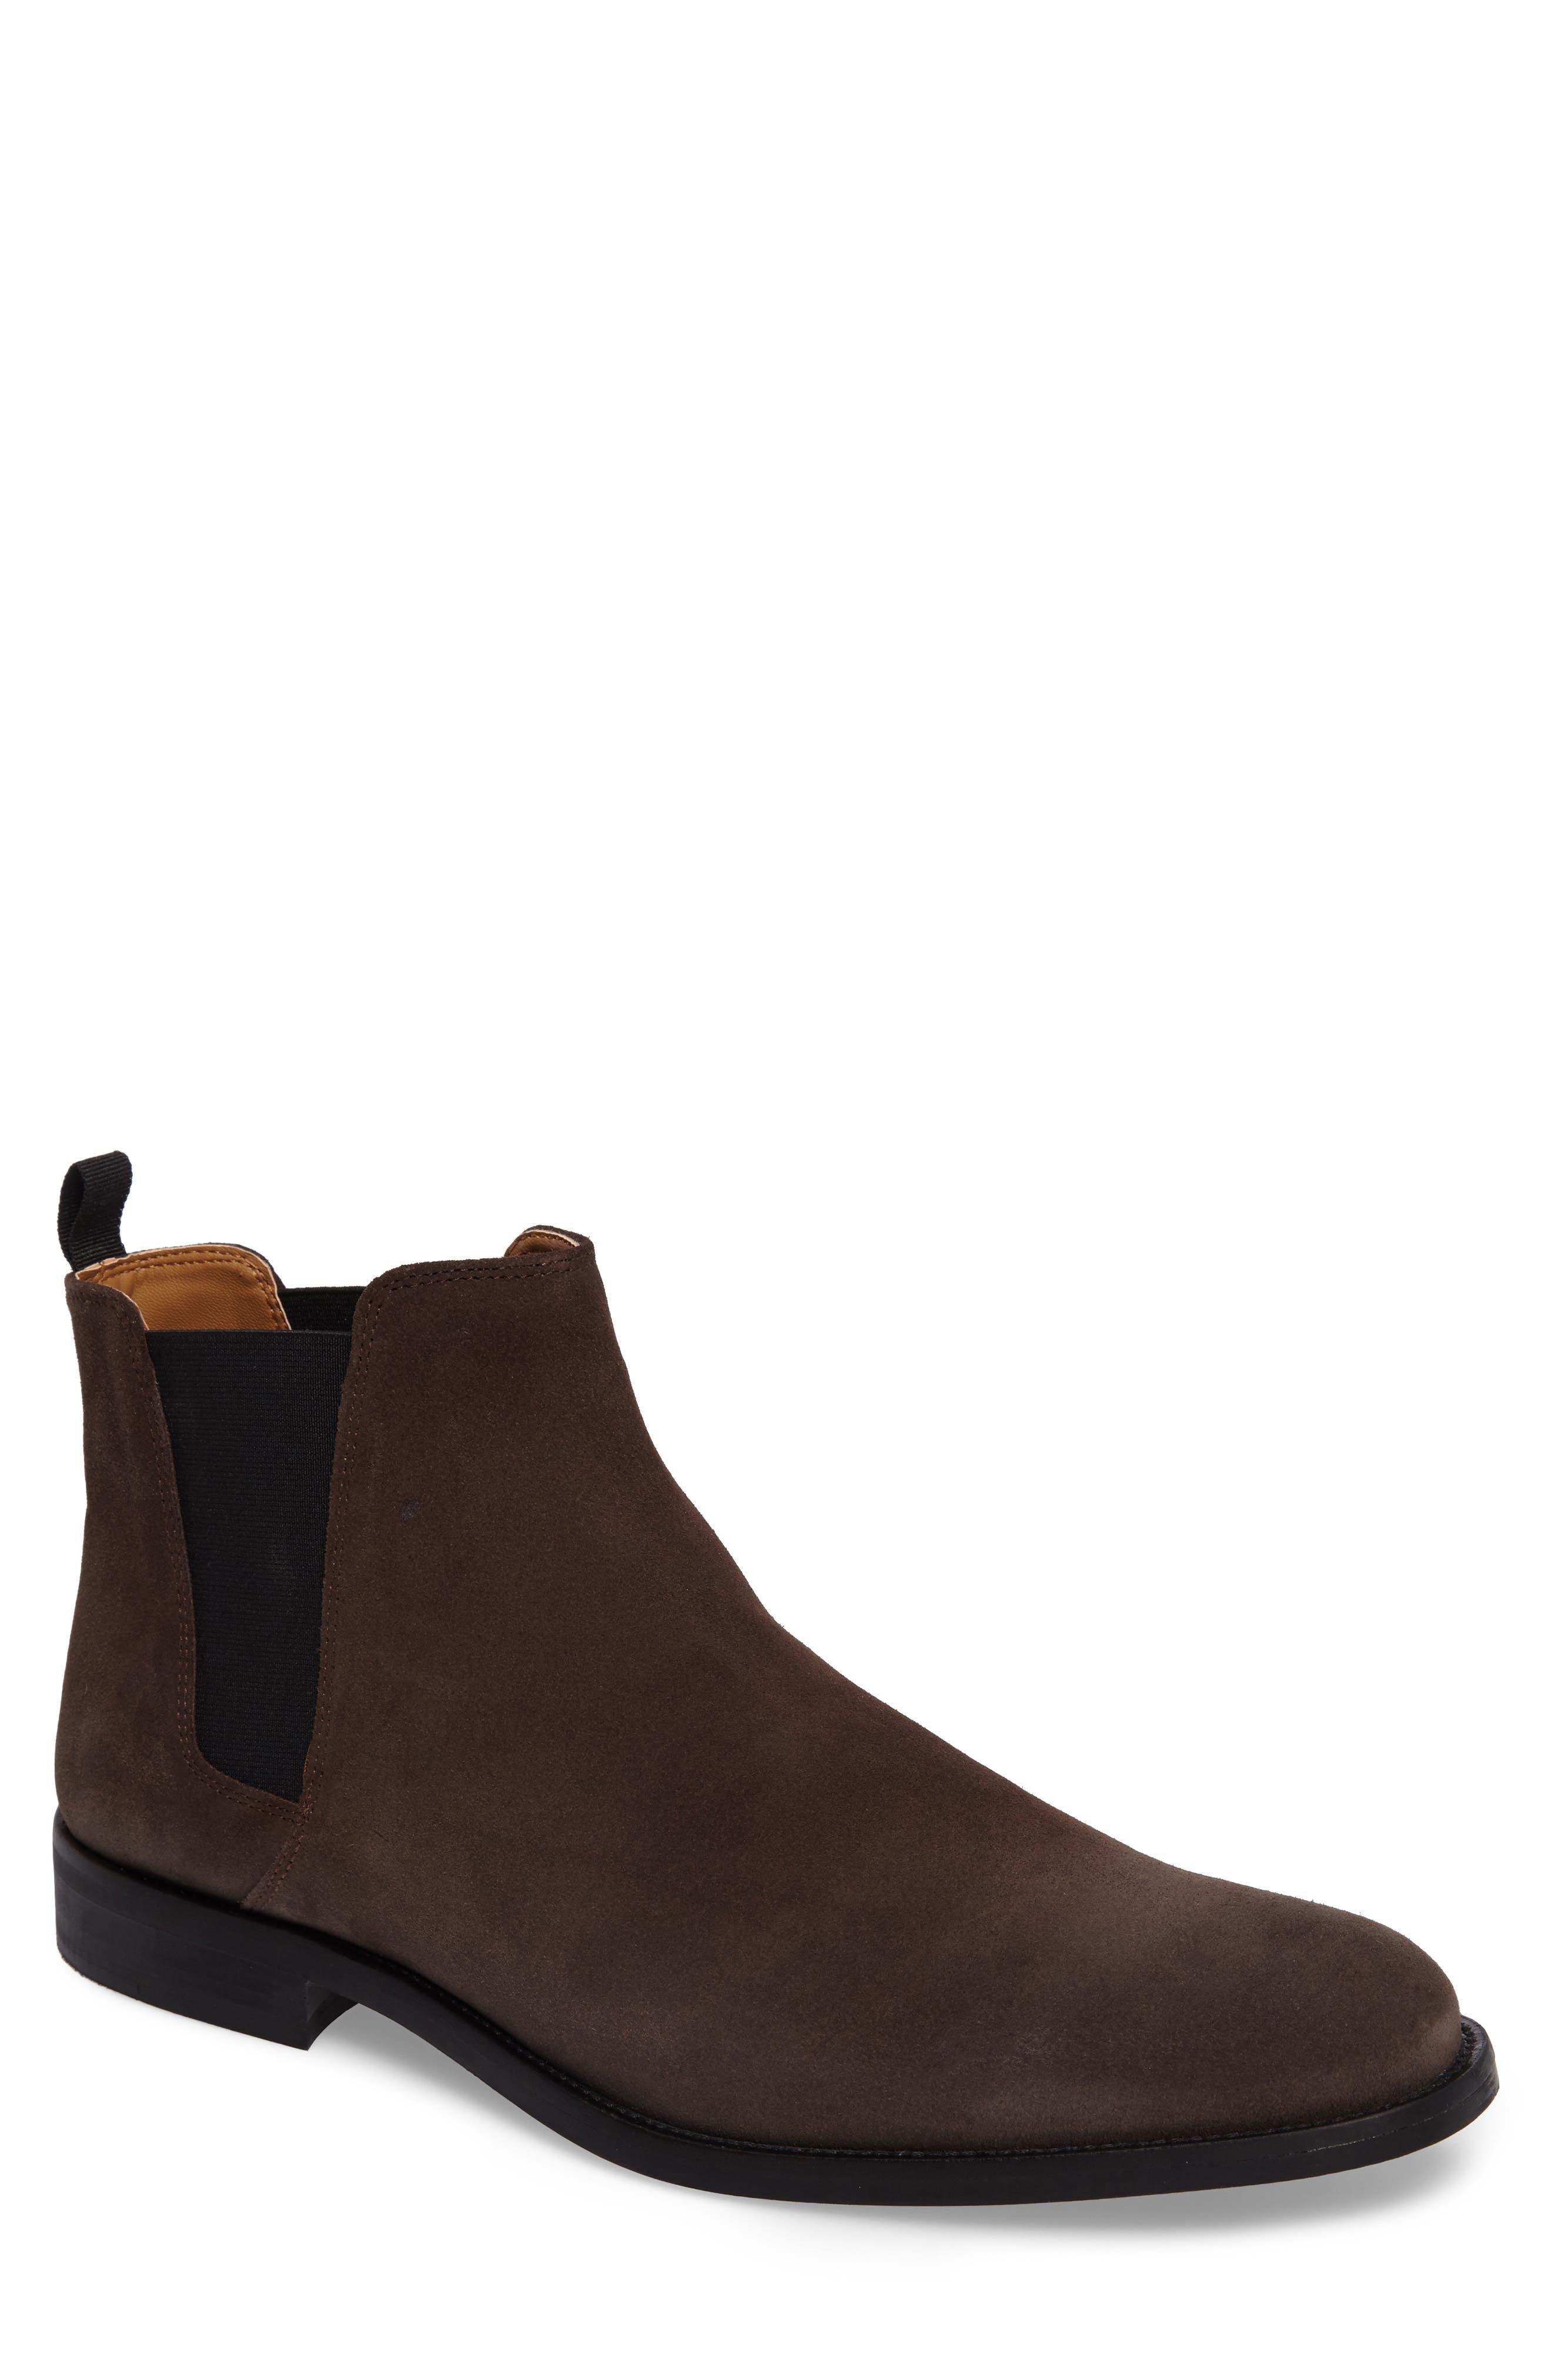 Vianello Chelsea Boot,                         Main,                         color, 021